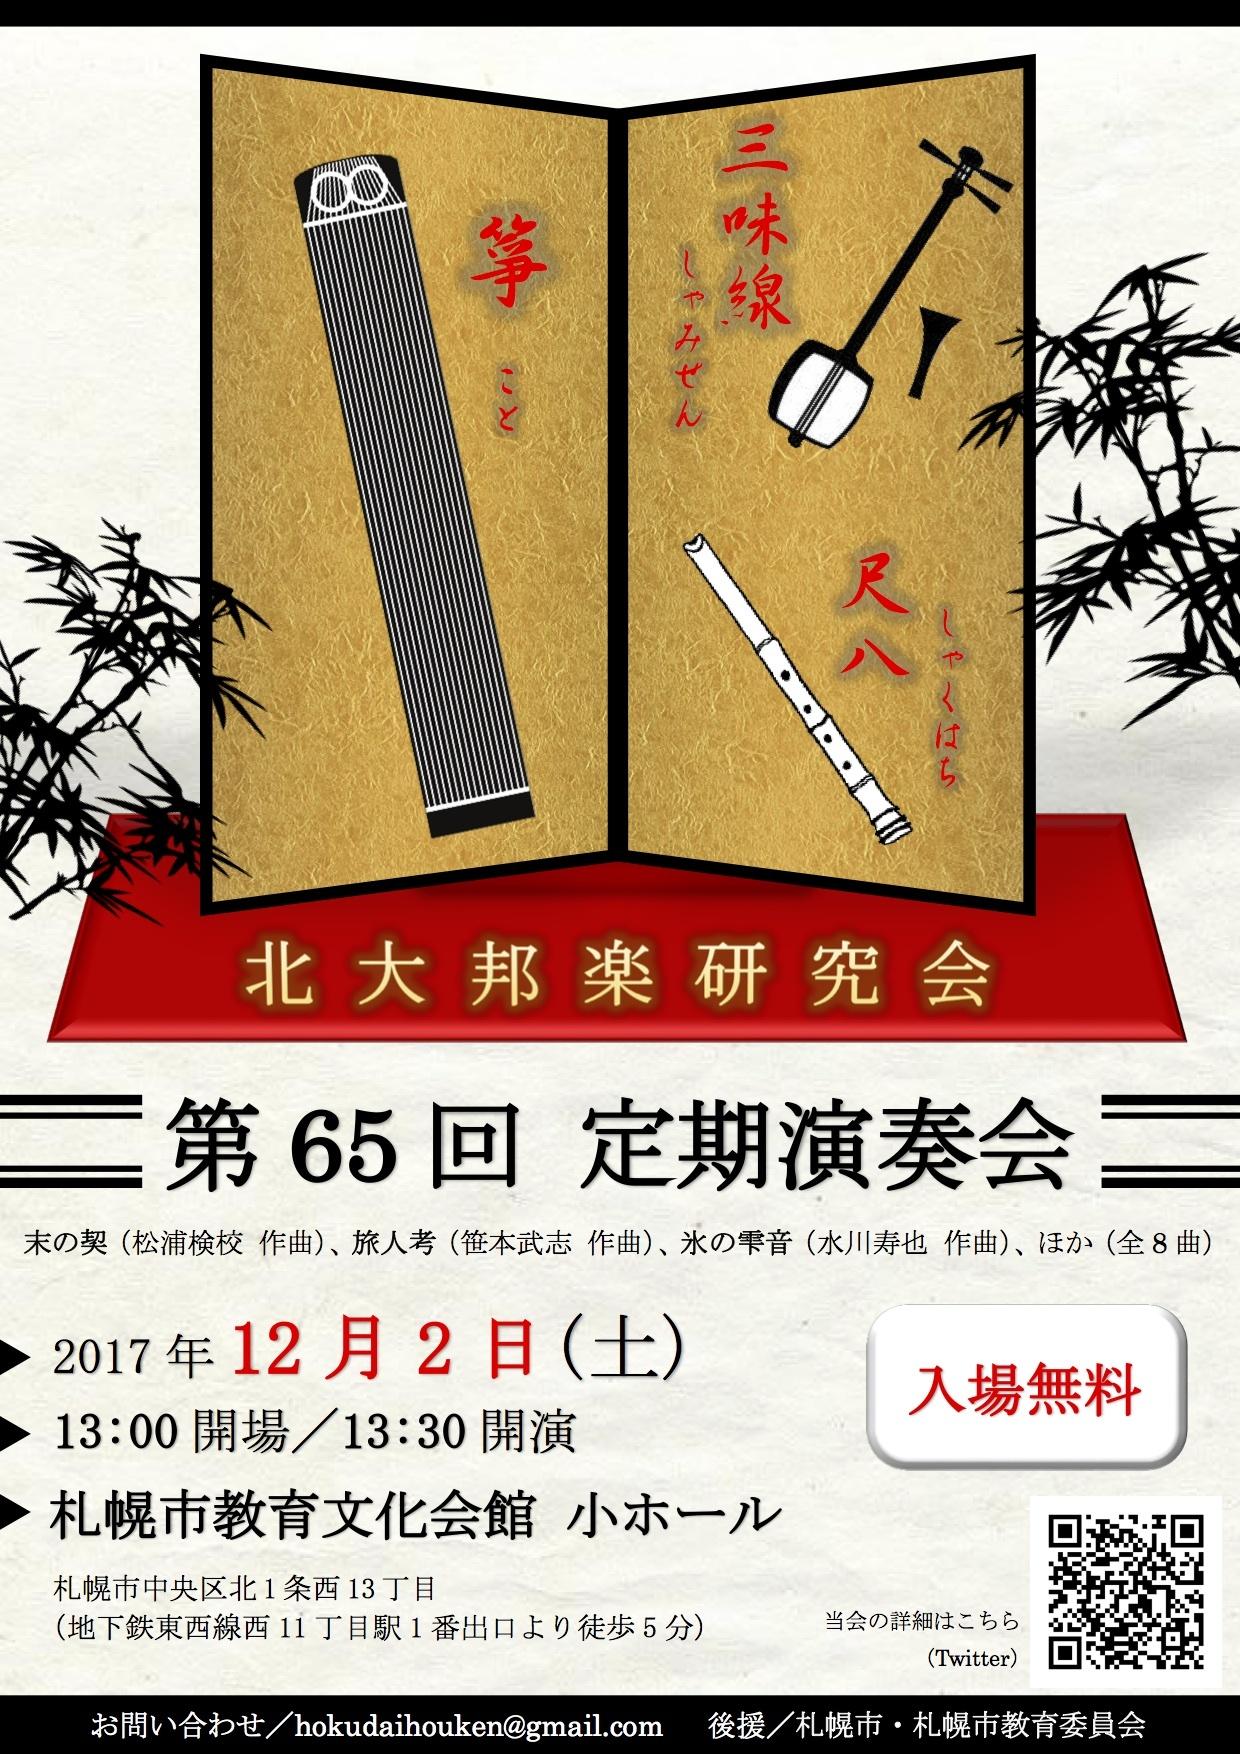 平成29年度 定期演奏会 ビラデザイン 第三版